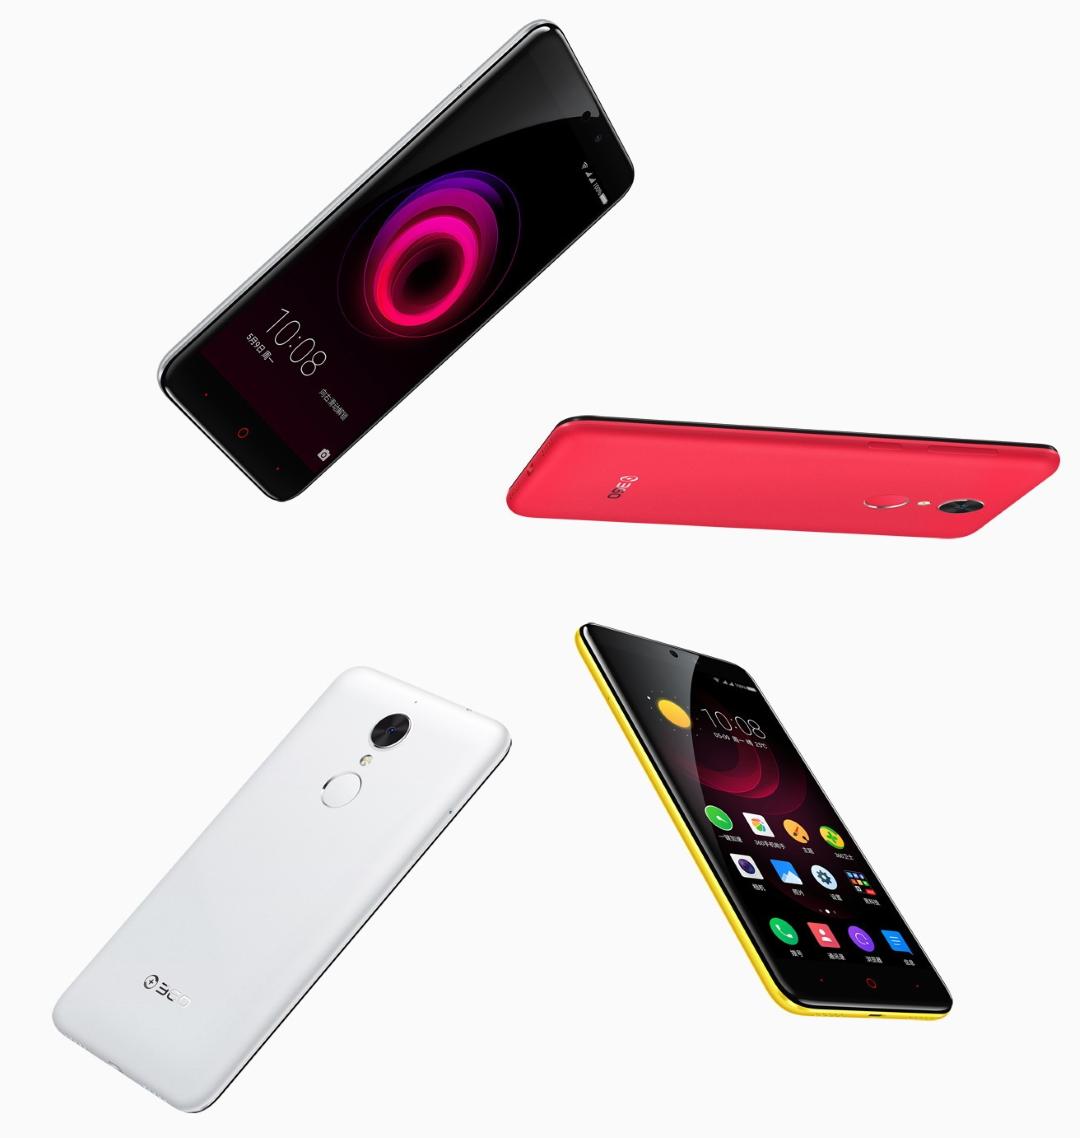 360 N4 Smartphone mit Helio X20 und 4GB RAM für $138 vorgestellt 6